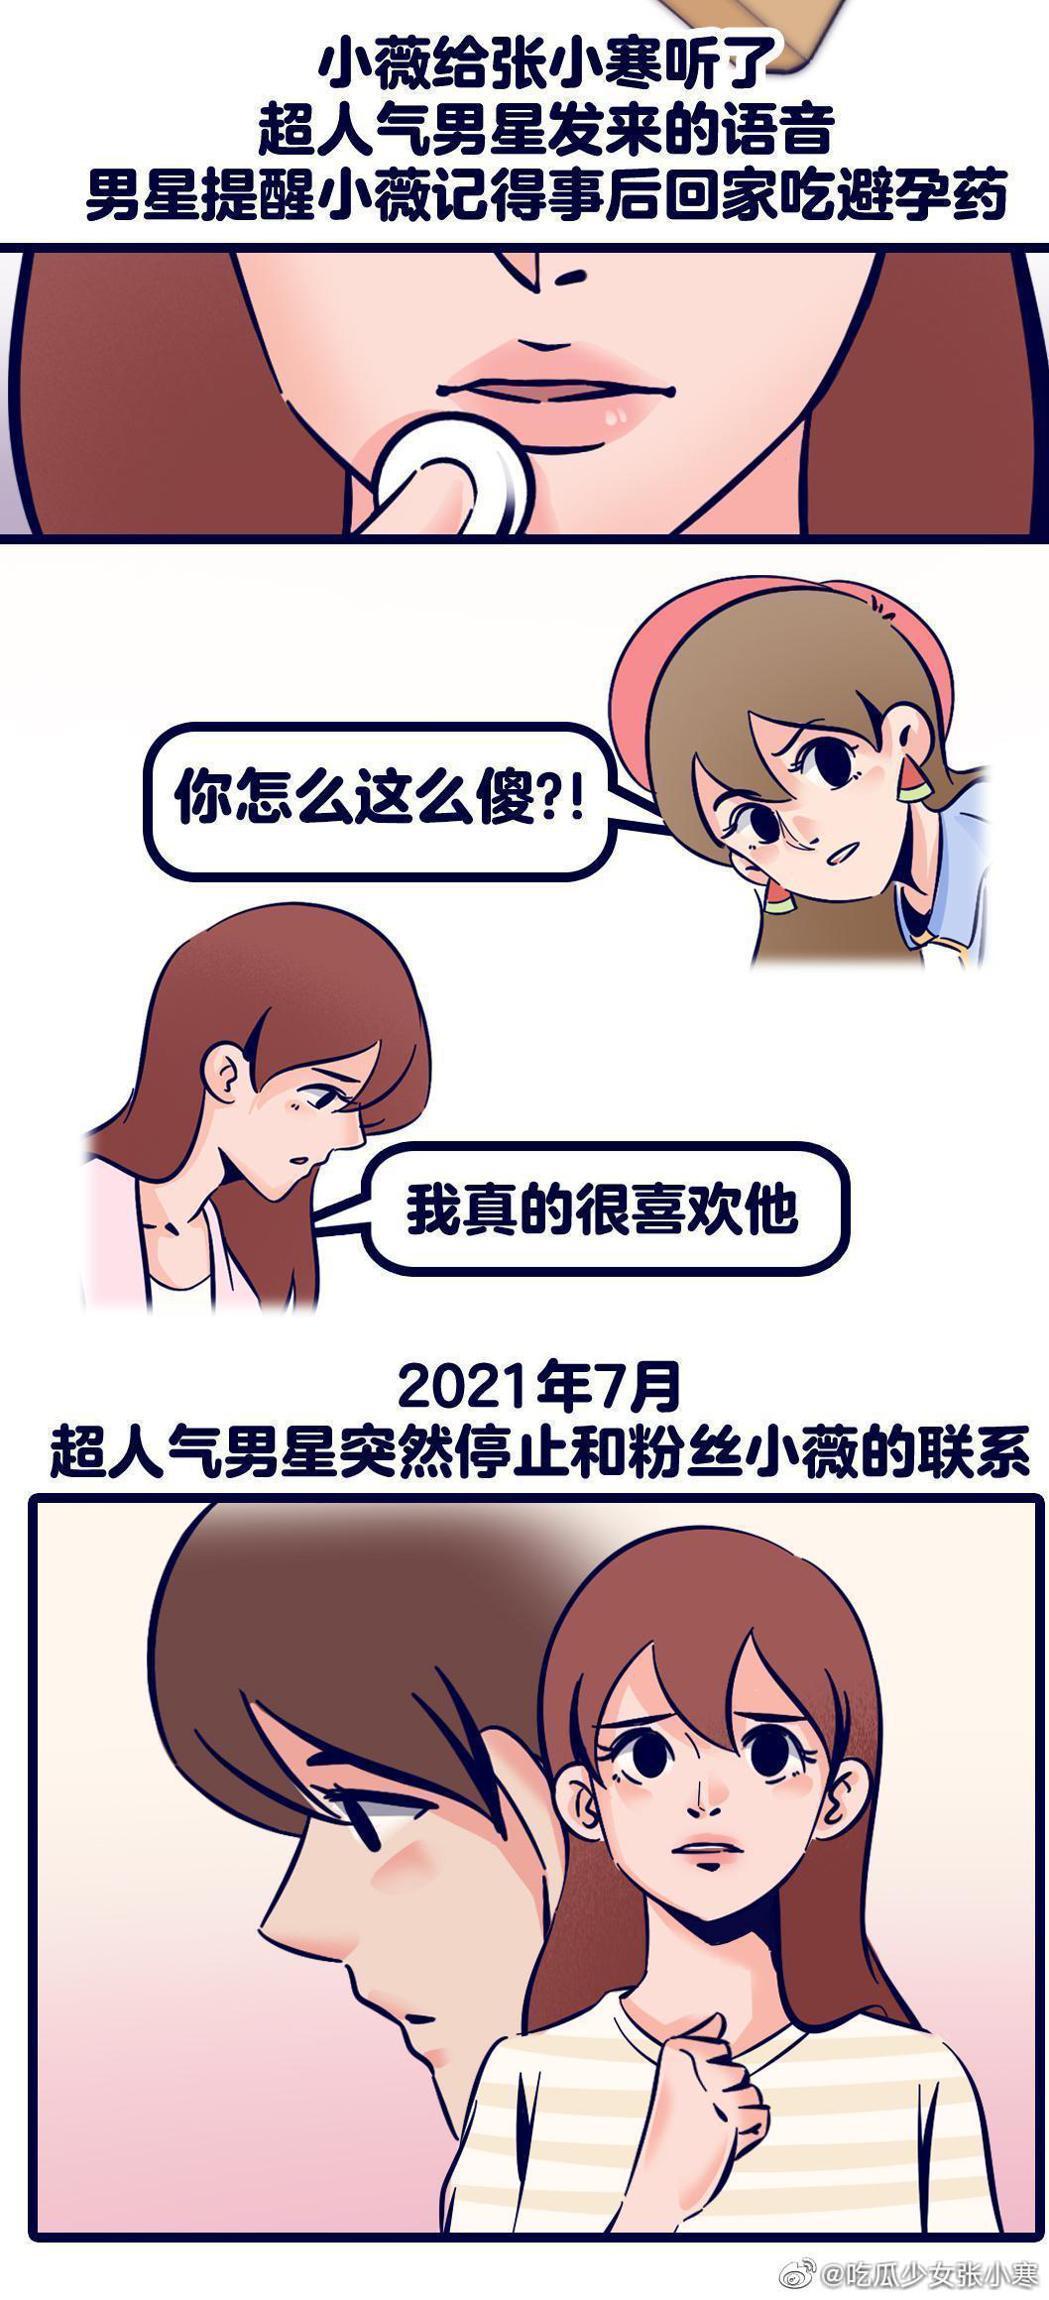 楊洋被爆和女粉絲交往2年突然分手搞失蹤。 圖/擷自微博